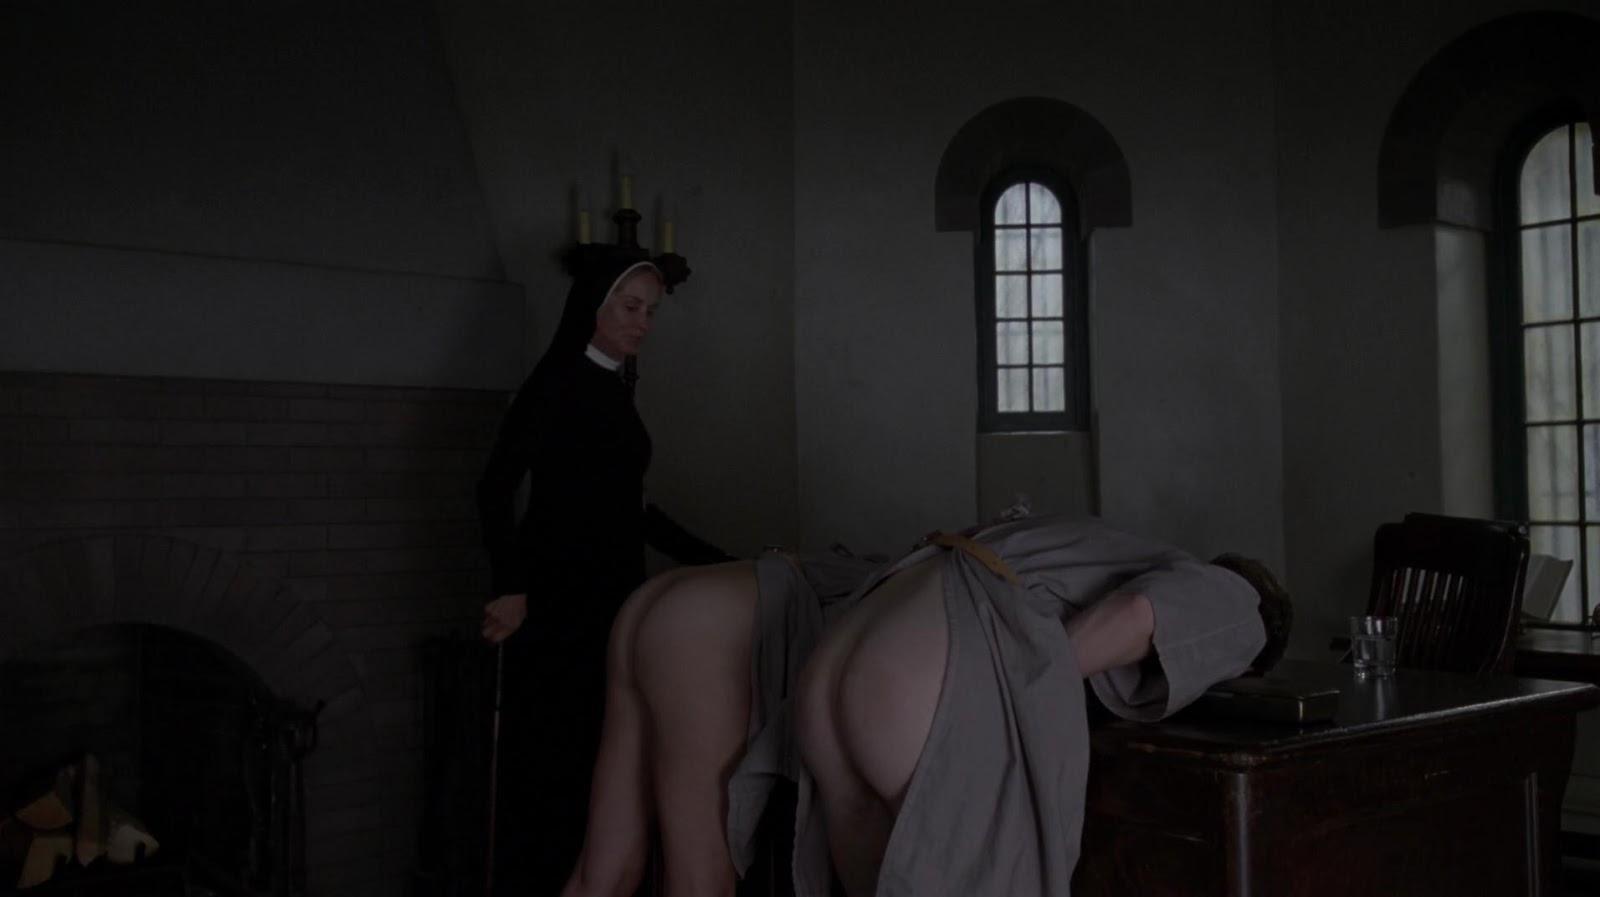 Фильм ужасы с порно наклонастями